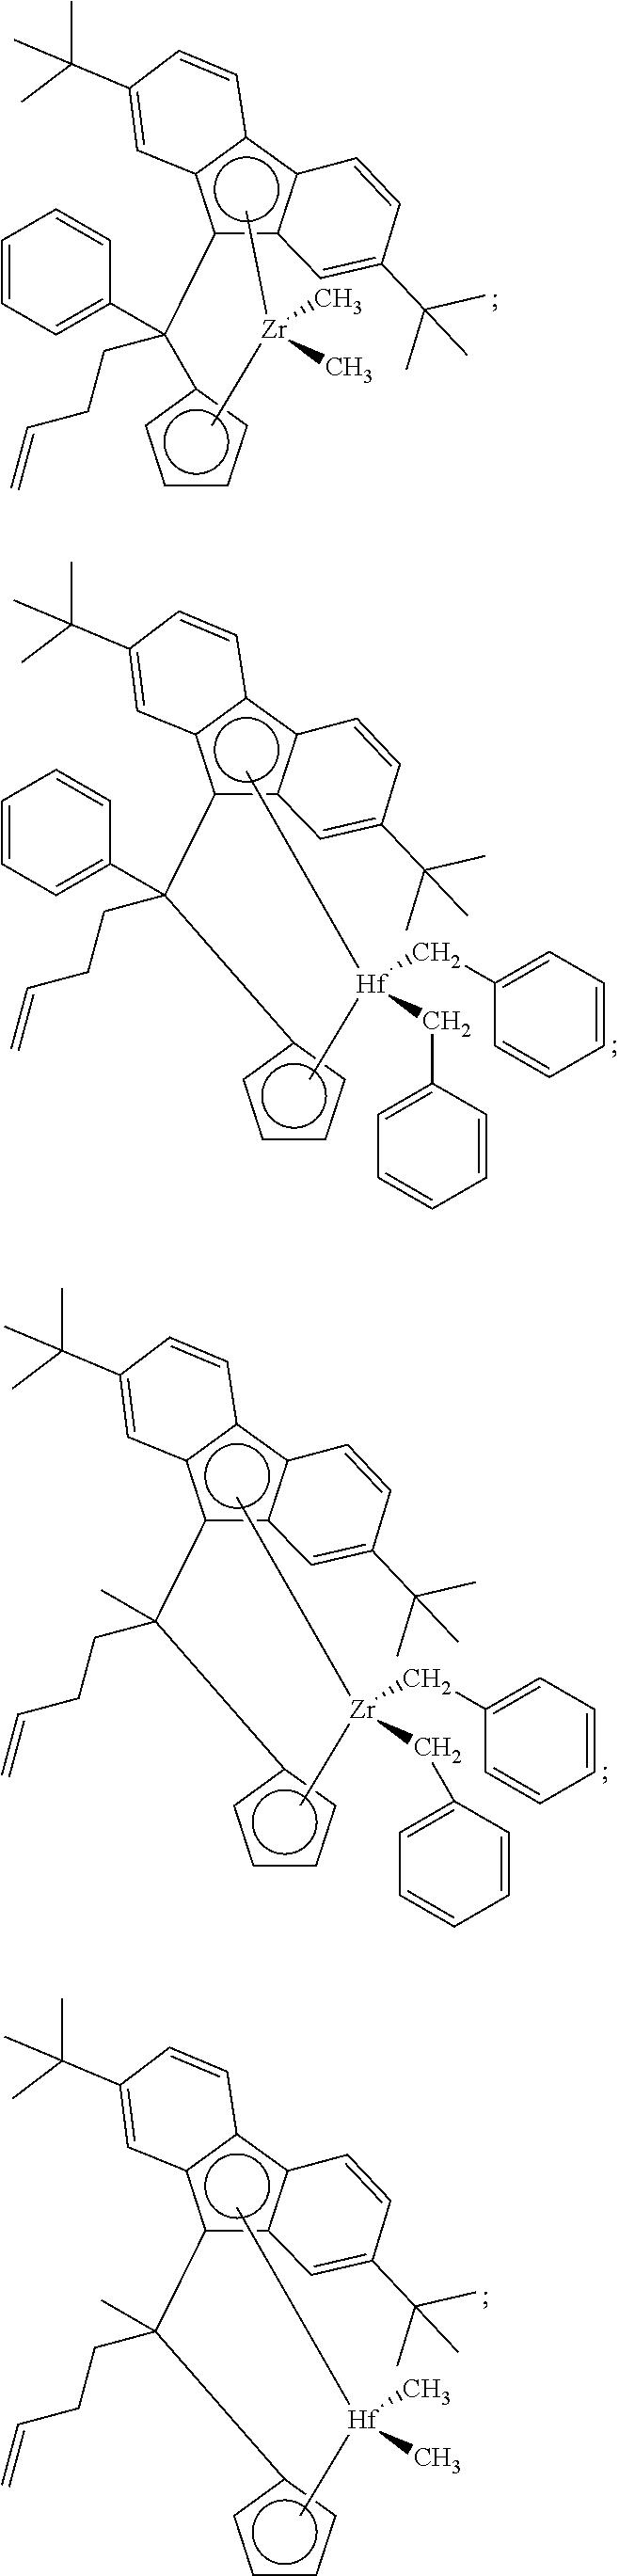 Figure US08329833-20121211-C00009